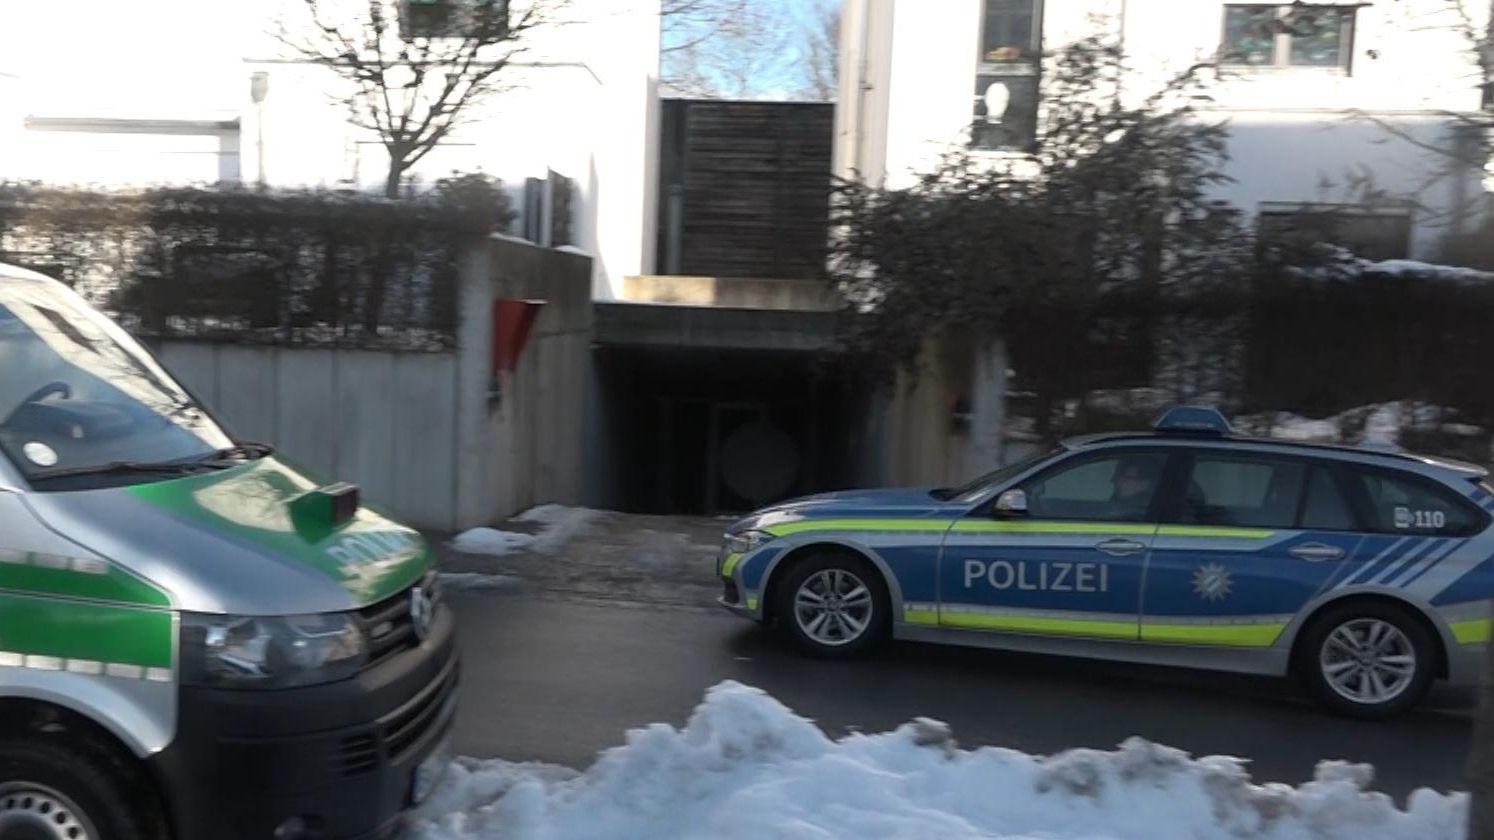 Polizeiautos vor der Tiefgarage, in der das Kind missbraucht worden sein soll.